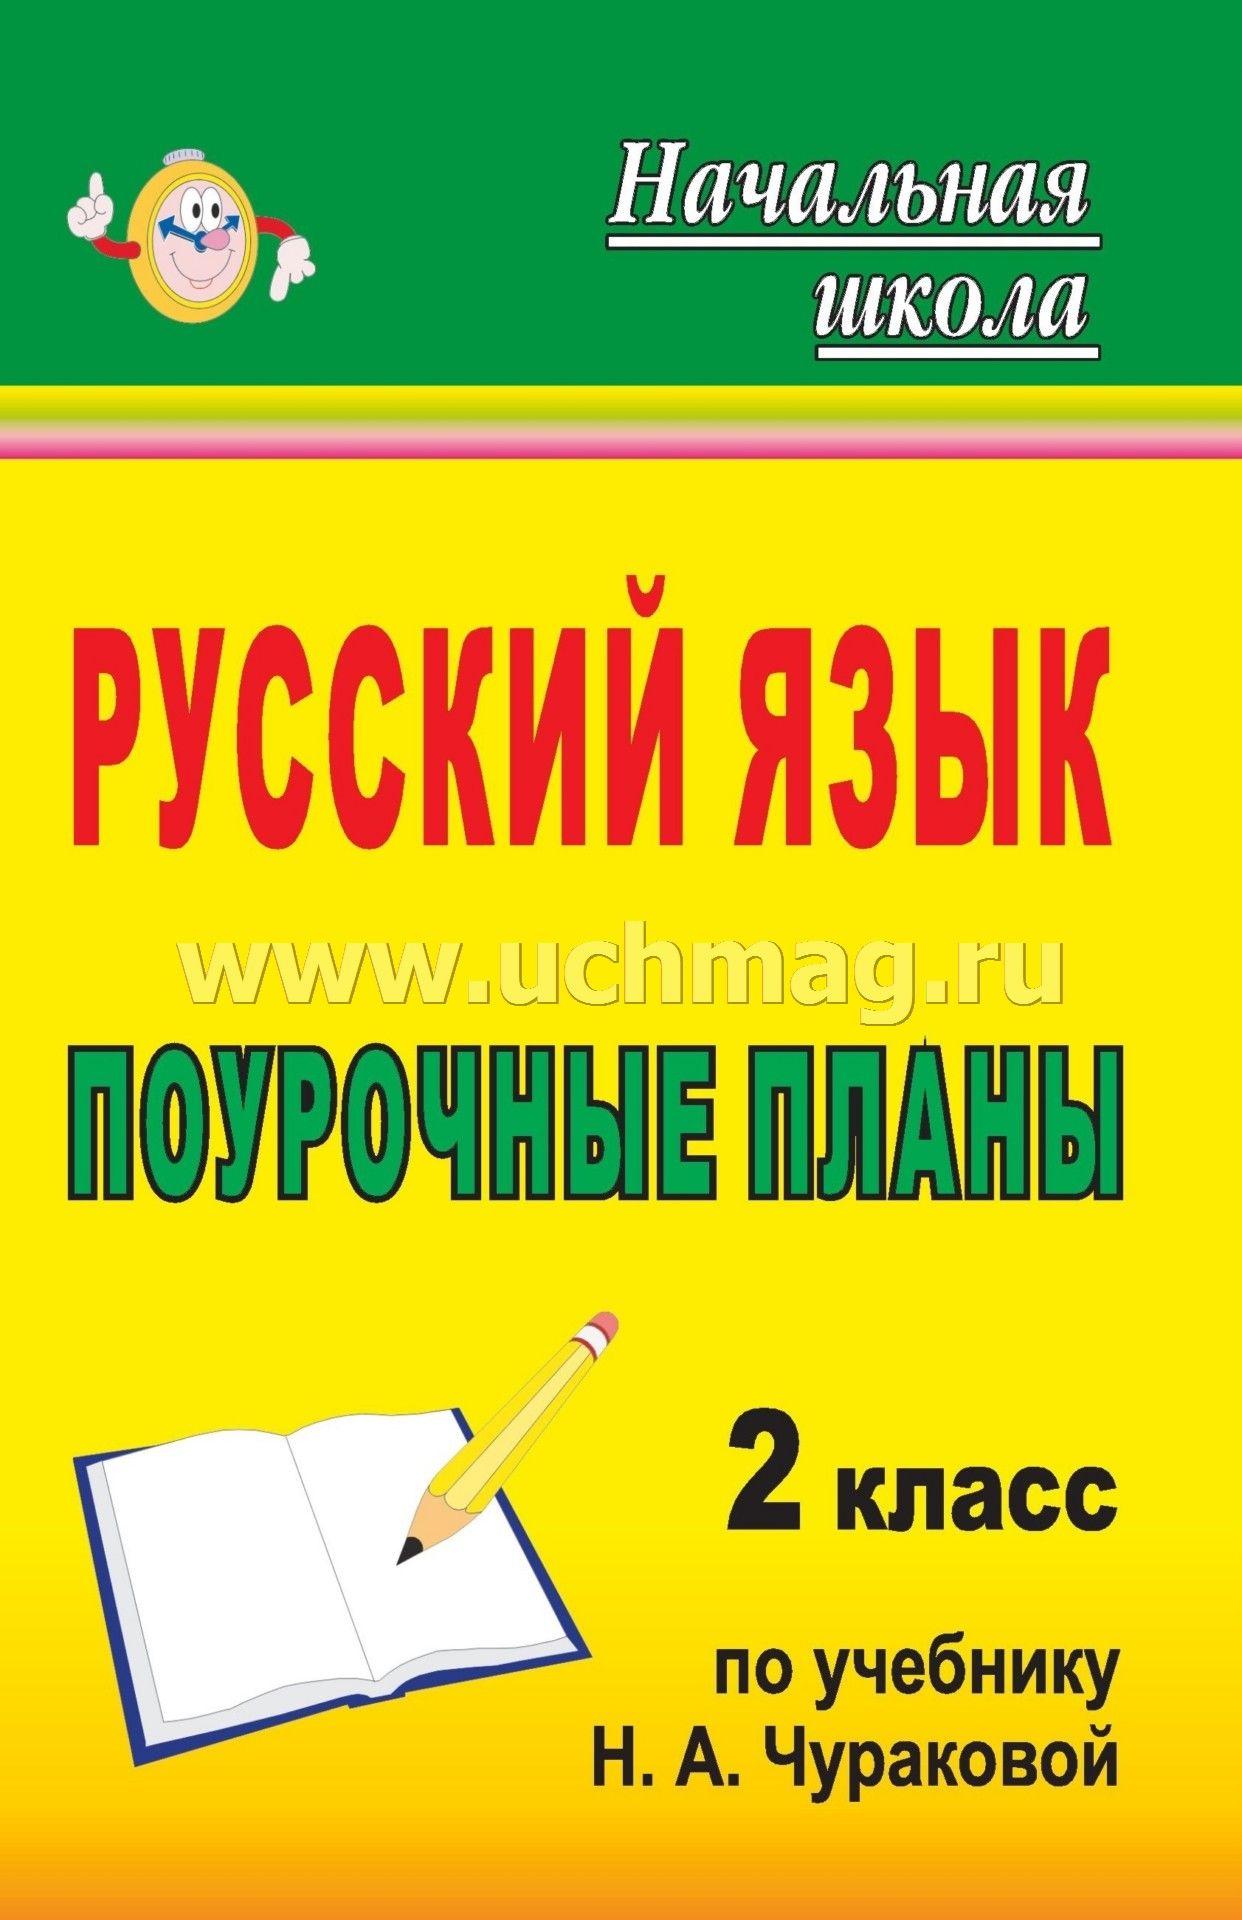 ПНШ 2 КЛАСС ПОУРОЧНЫЕ ПЛАНЫ РУССКИЙ ЯЗЫК СКАЧАТЬ БЕСПЛАТНО